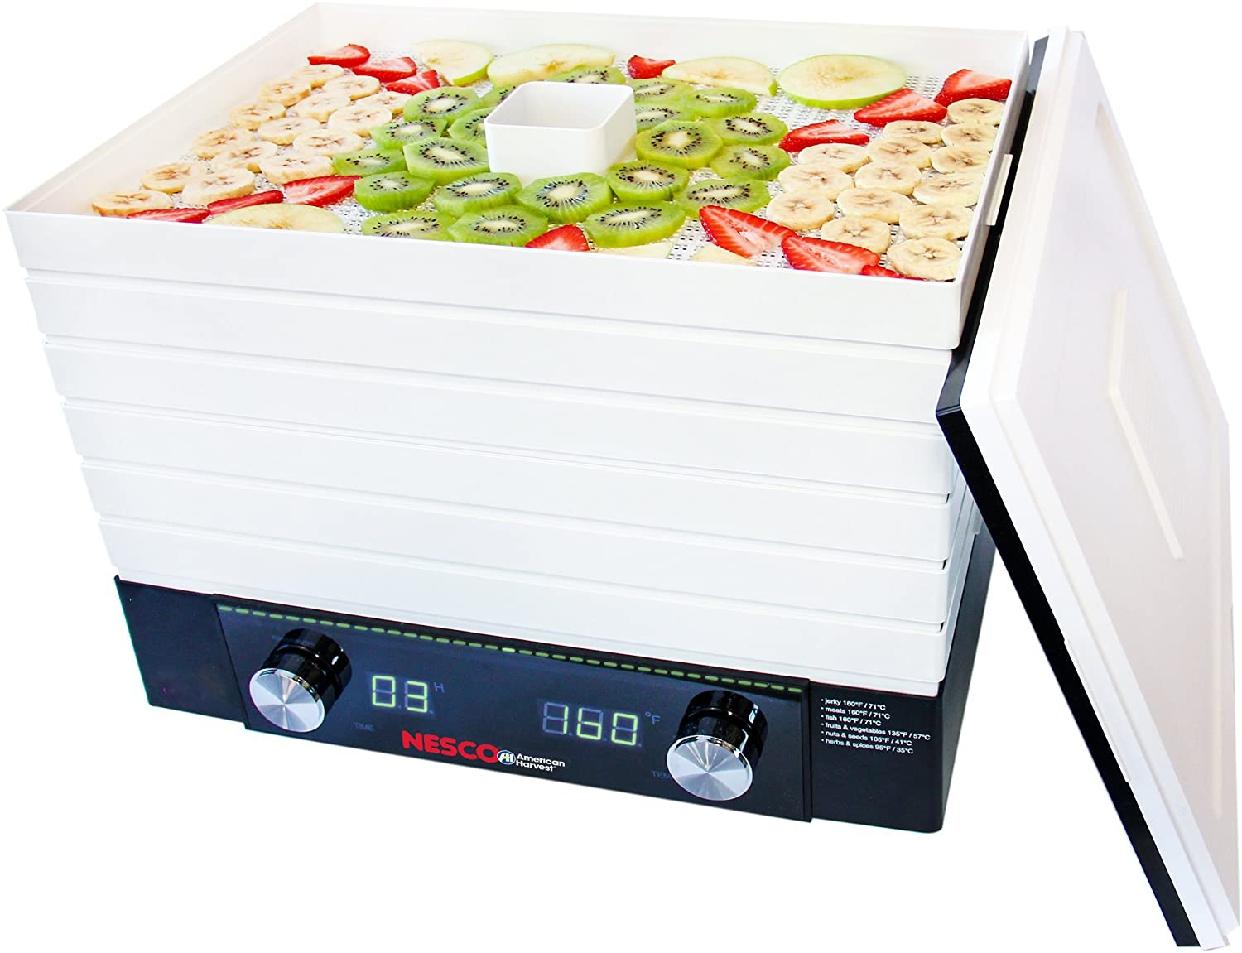 Nesco(ネスコ)食品乾燥機 フードディハイドレーター FD-2000の商品画像2